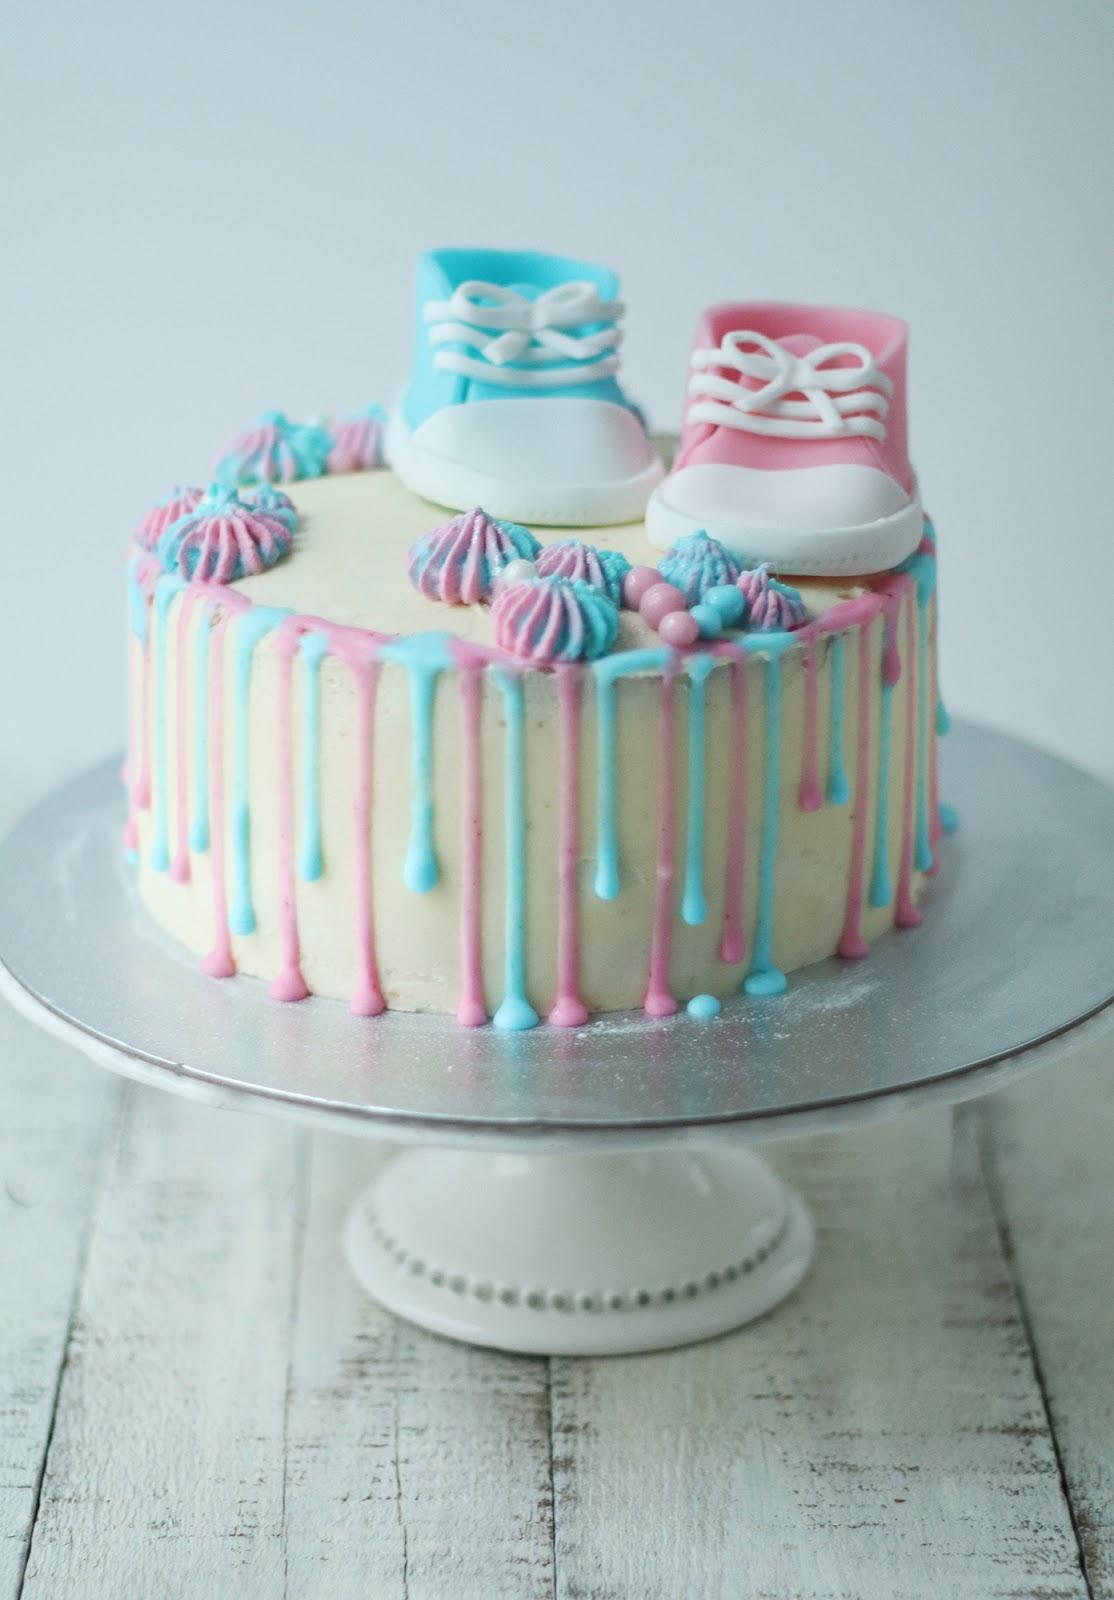 Découvrez le sexe du bébé grâce à cette recette de Layer cake de naissance ou Gender reveal cake